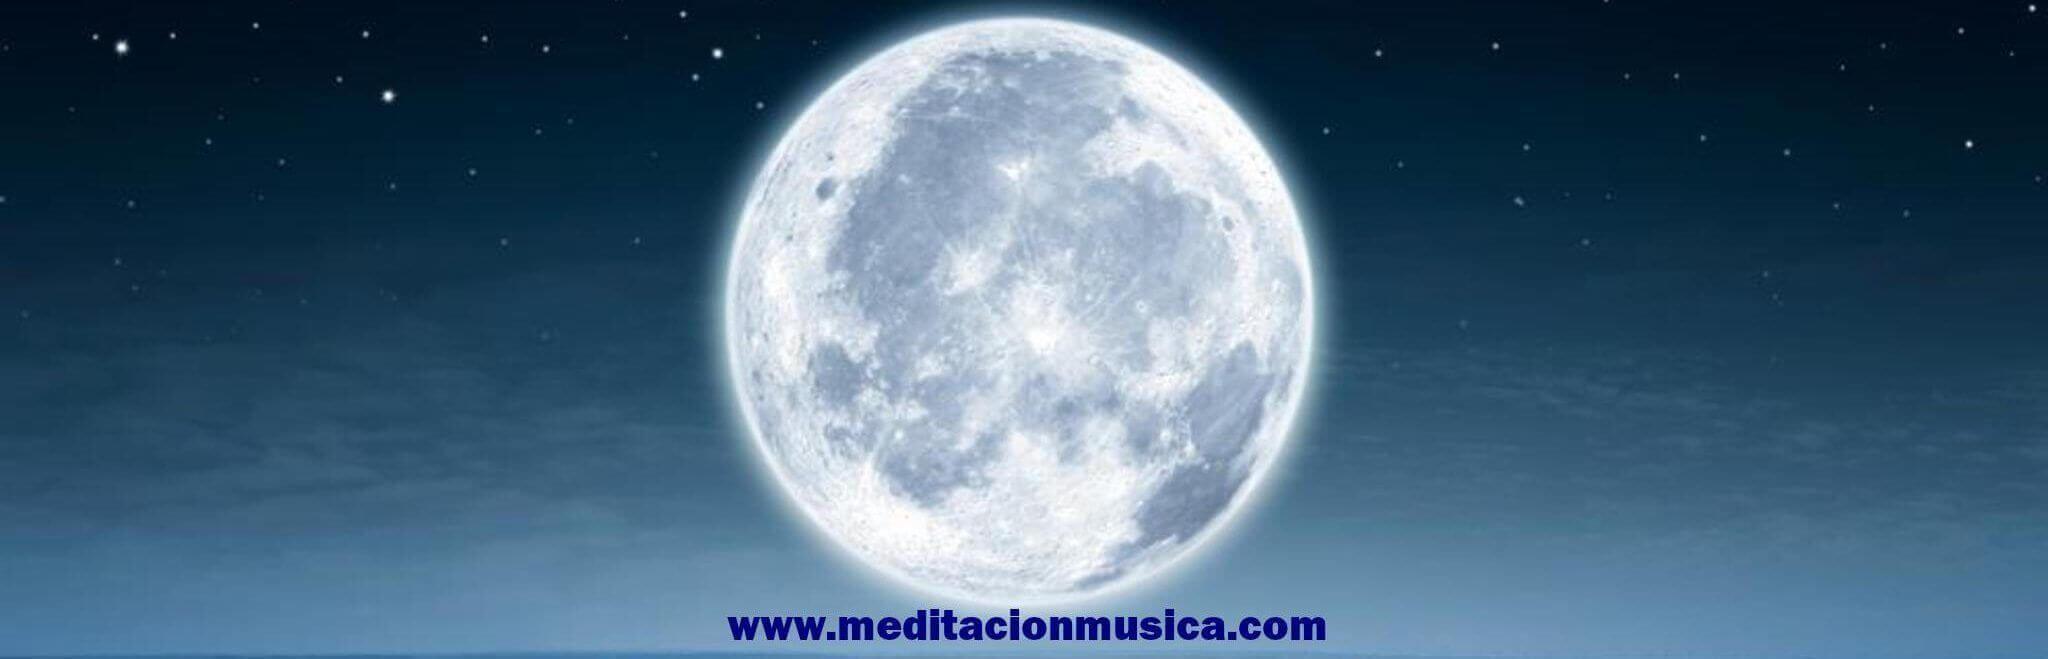 MEDITACIÓN MÚSICA RELAJACIÓN YOUTUBE RELAX MUSIC Pedro J. Pérez Coaching Autoayuda Crecimiento Personal